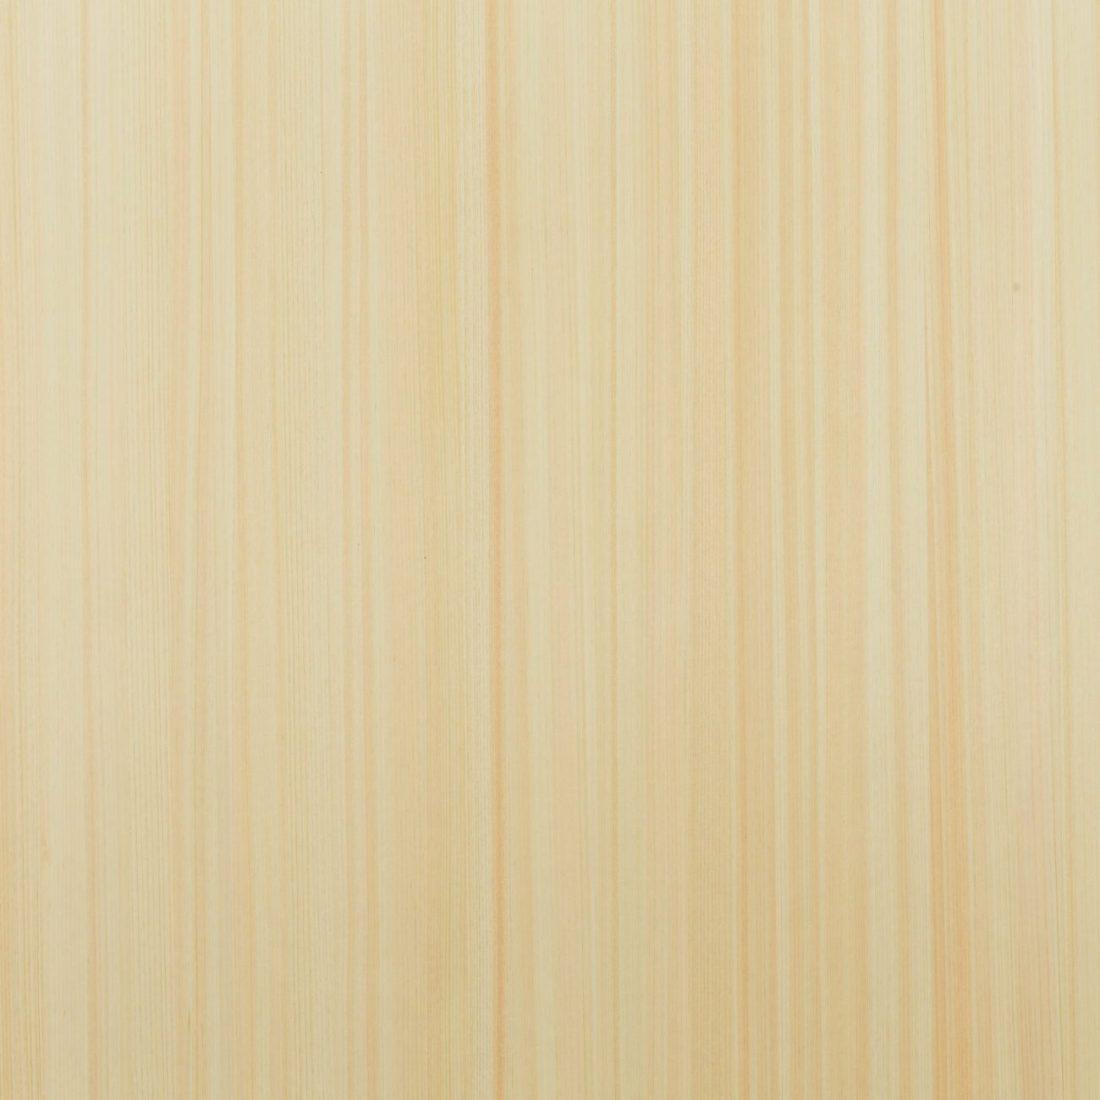 吉野桧柾目ランダム2